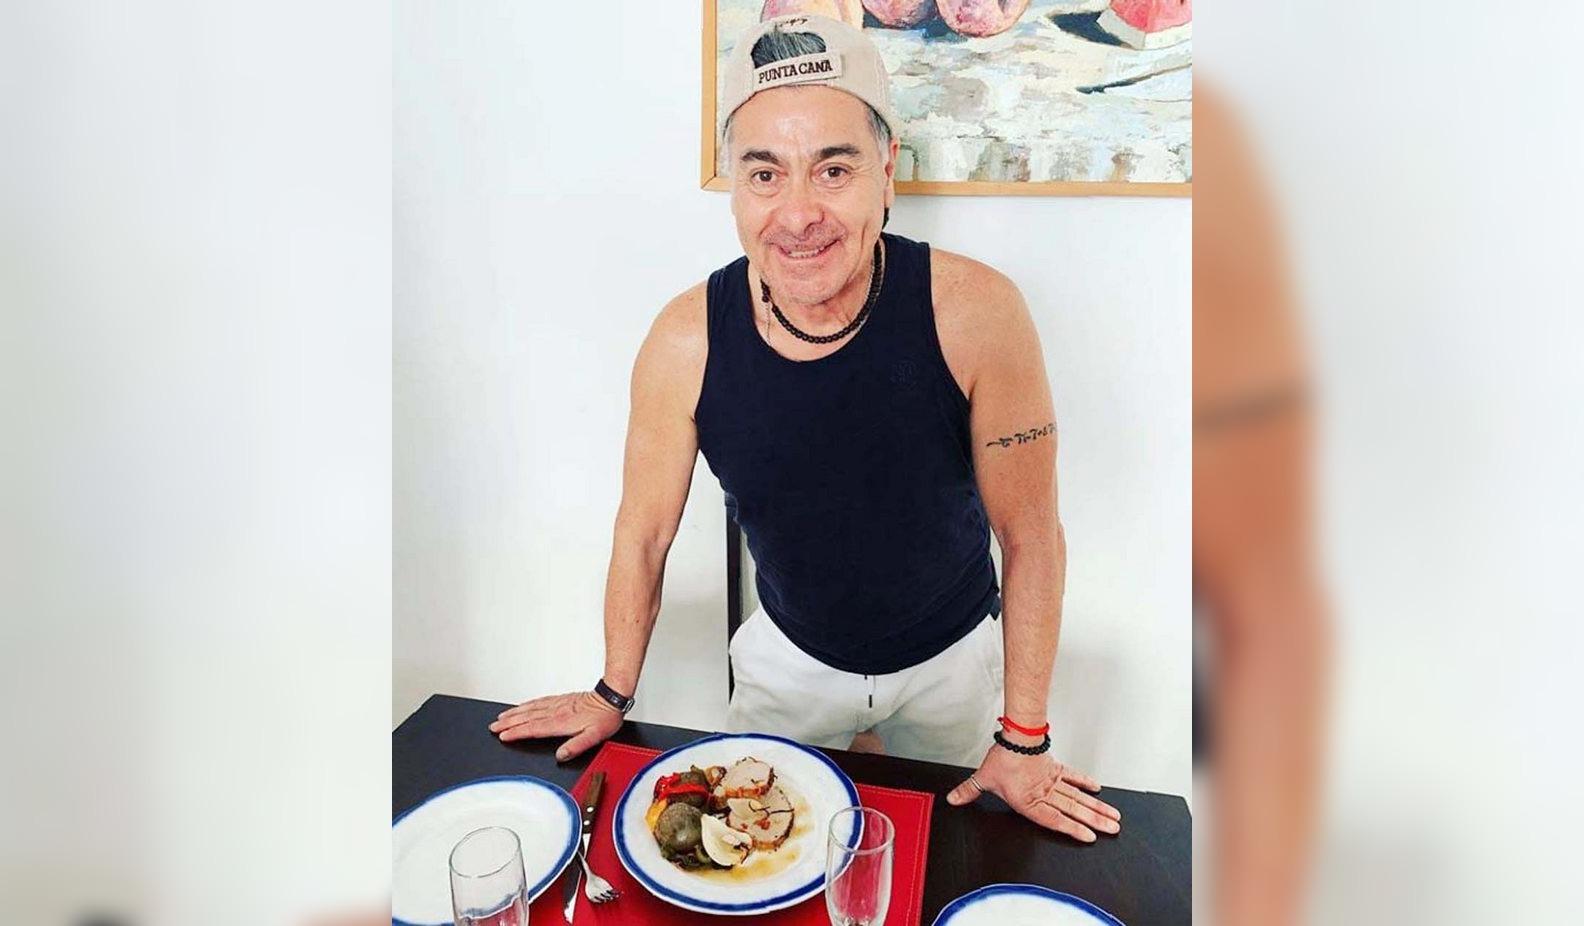 Pato Torres, soltero Estoy aprendiendo a cocinar